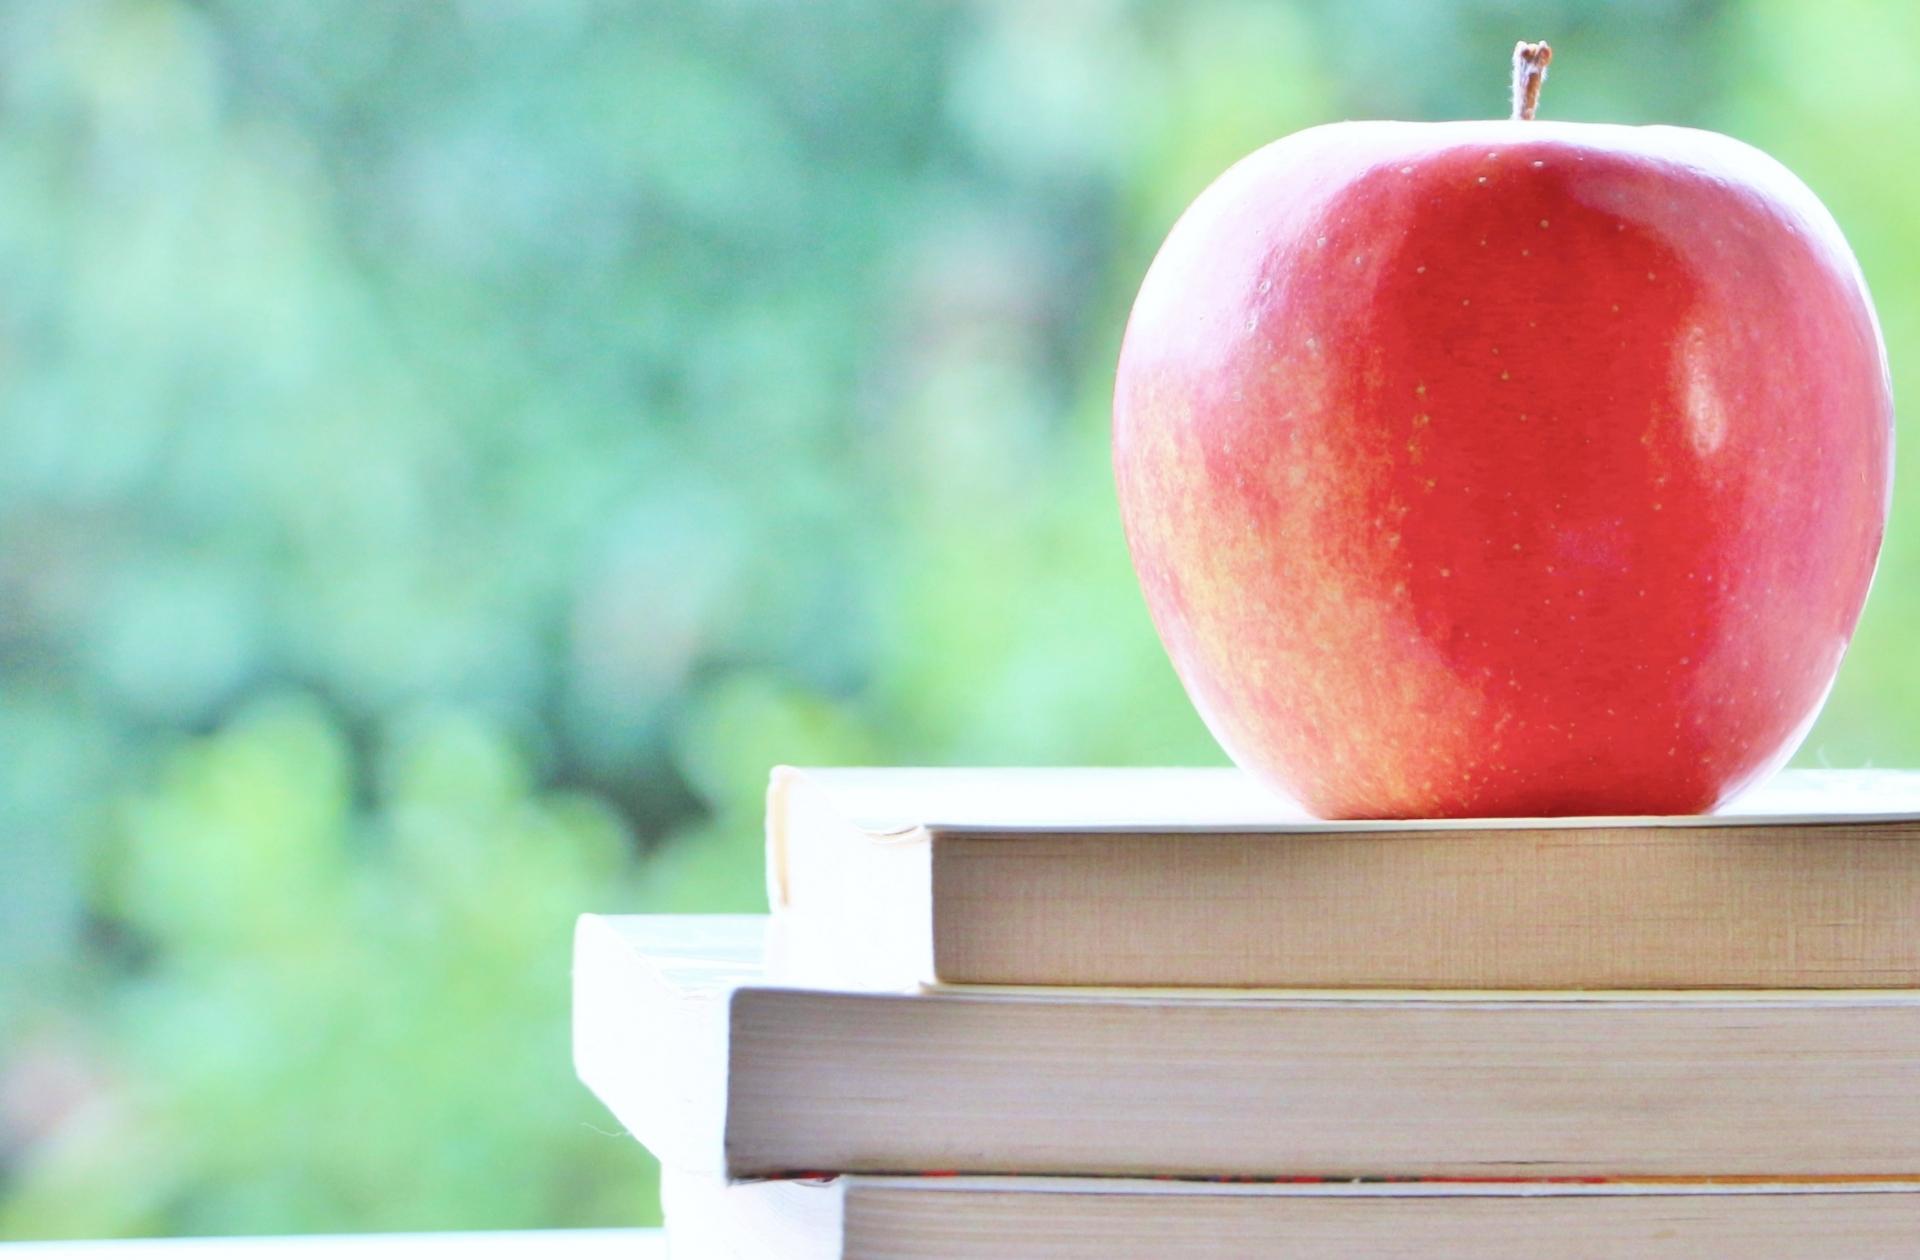 リンゴと本の画像です。